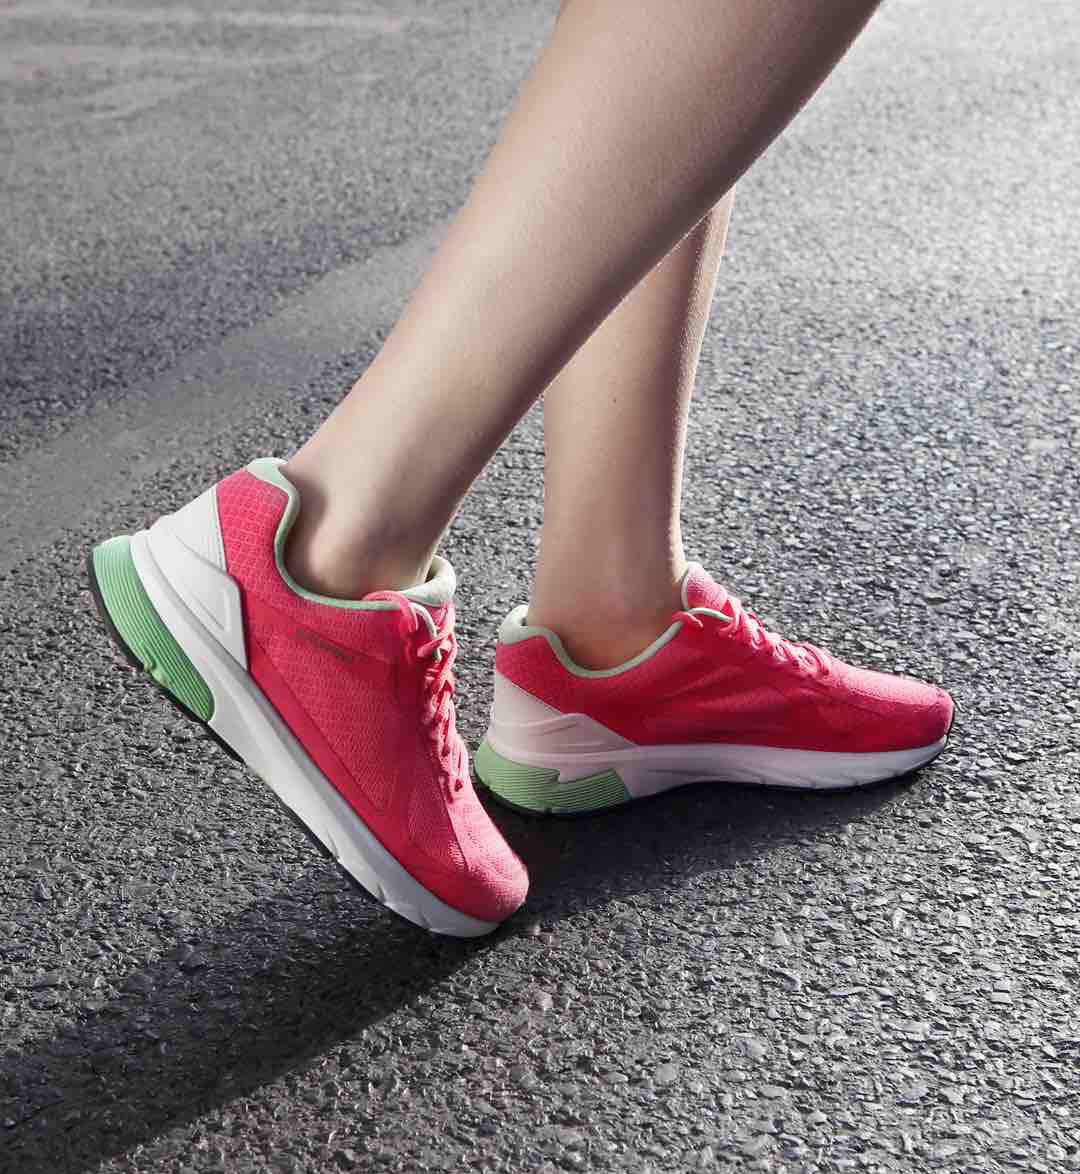 کفش رانینگ فوق هوشمند شیائومی